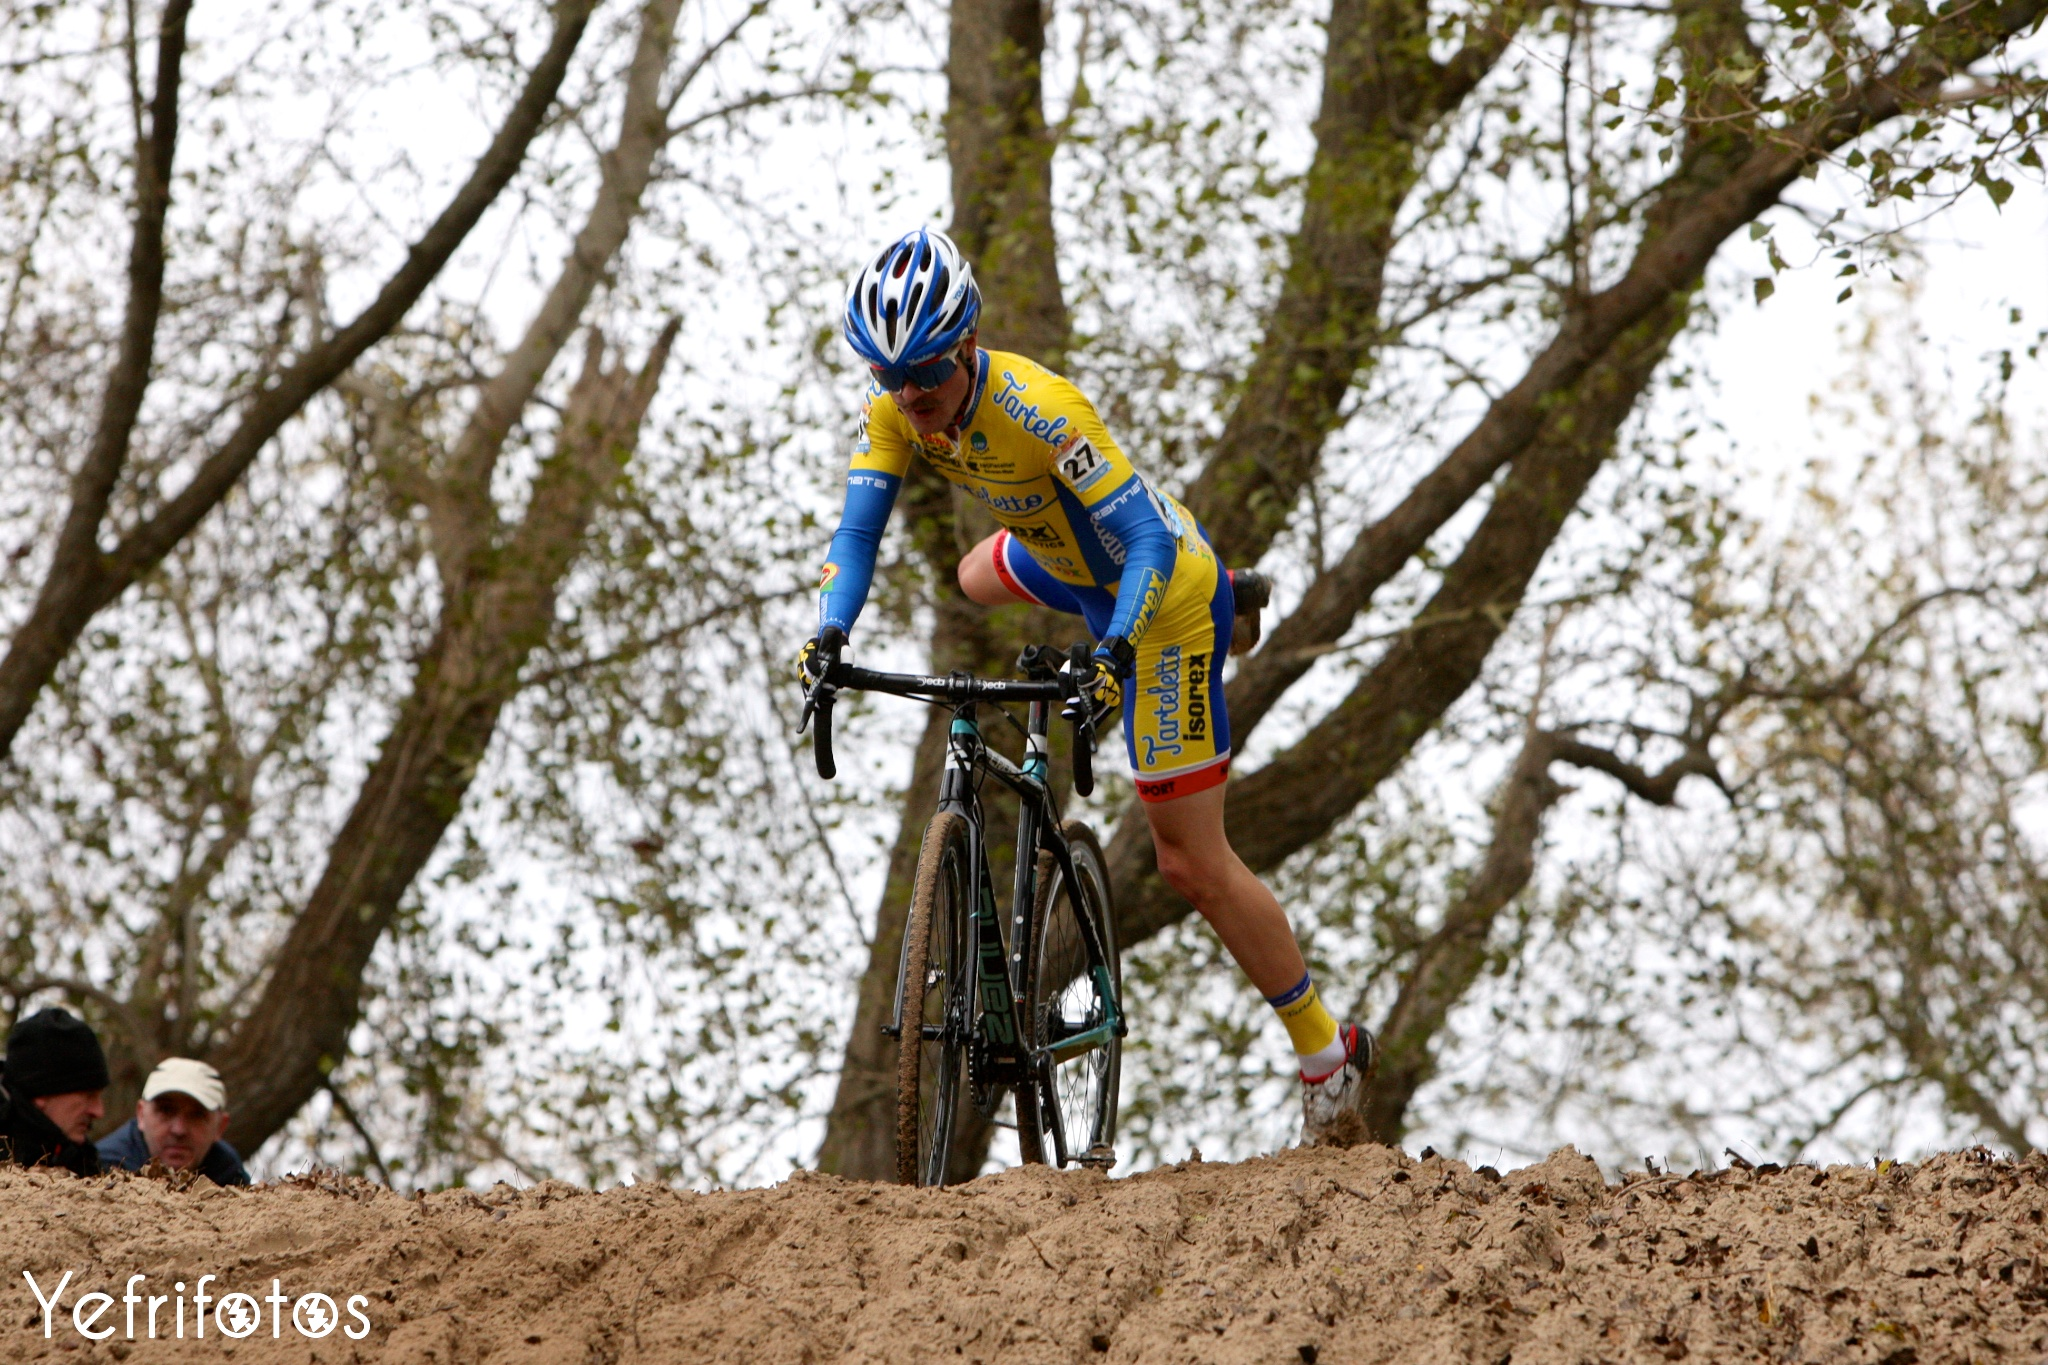 Koksijde - UCI Cyclocross World Cup - Gosse van der Meer